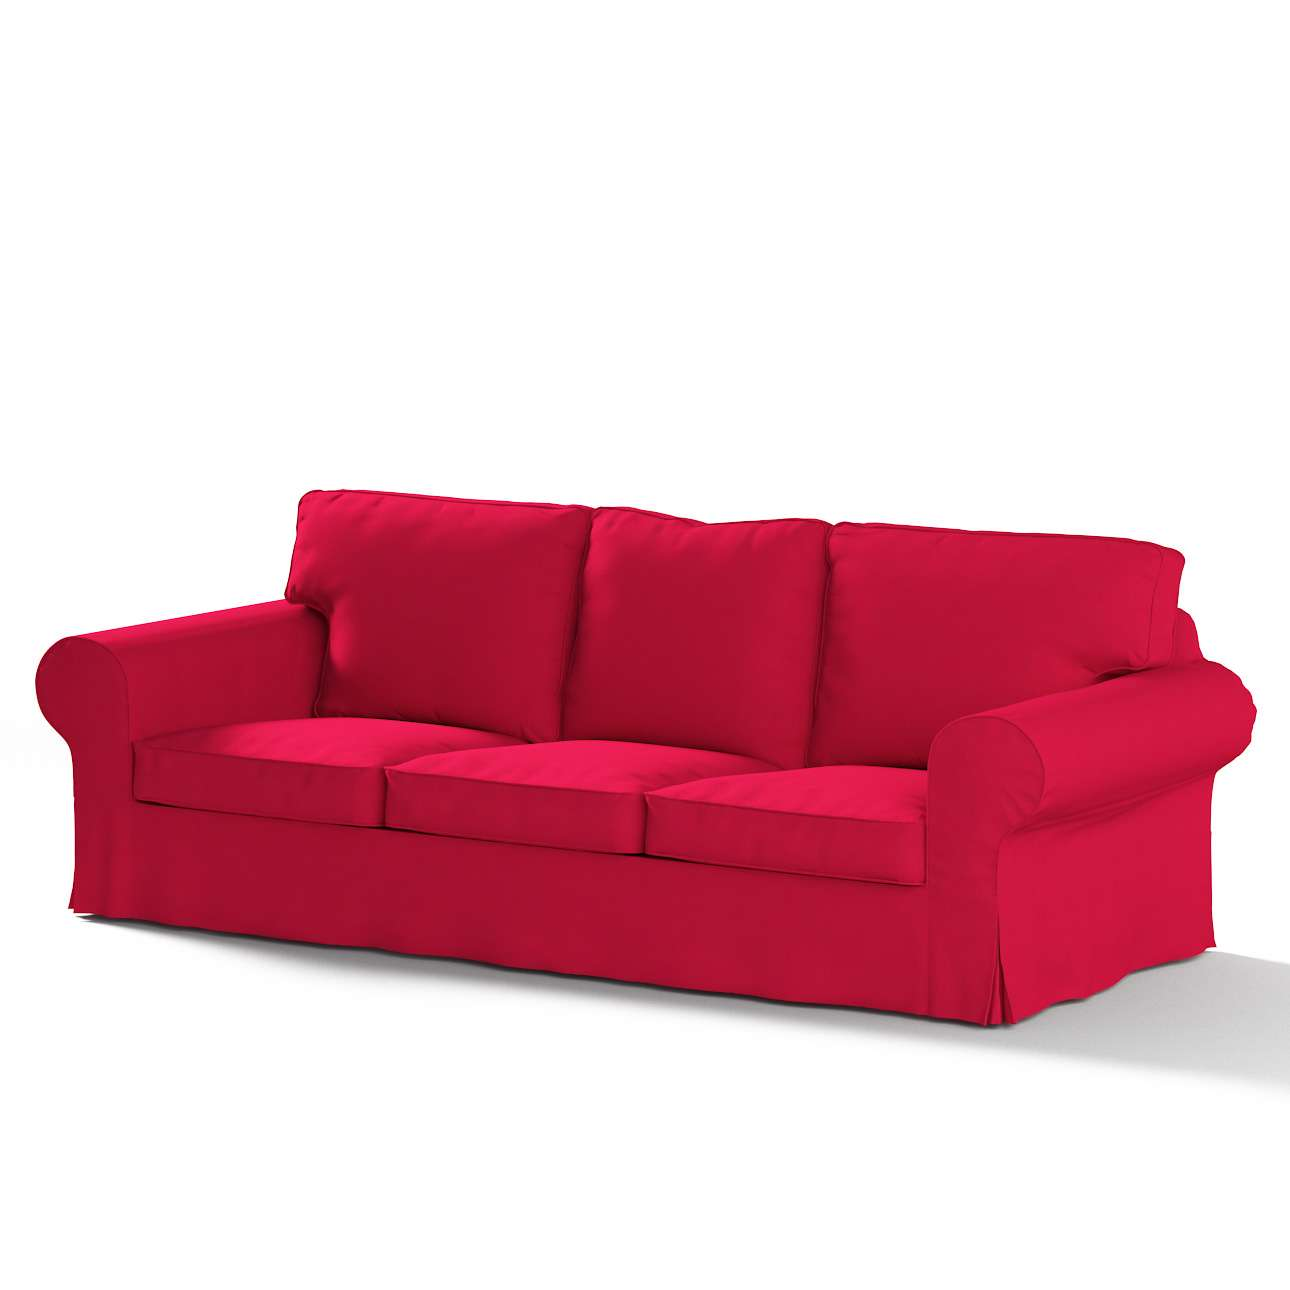 Pokrowiec na sofę Ektorp 3-osobową, rozkładaną STARY MODEL Sofa Ektorp 3-osobowa rozkładana w kolekcji Etna , tkanina: 705-60